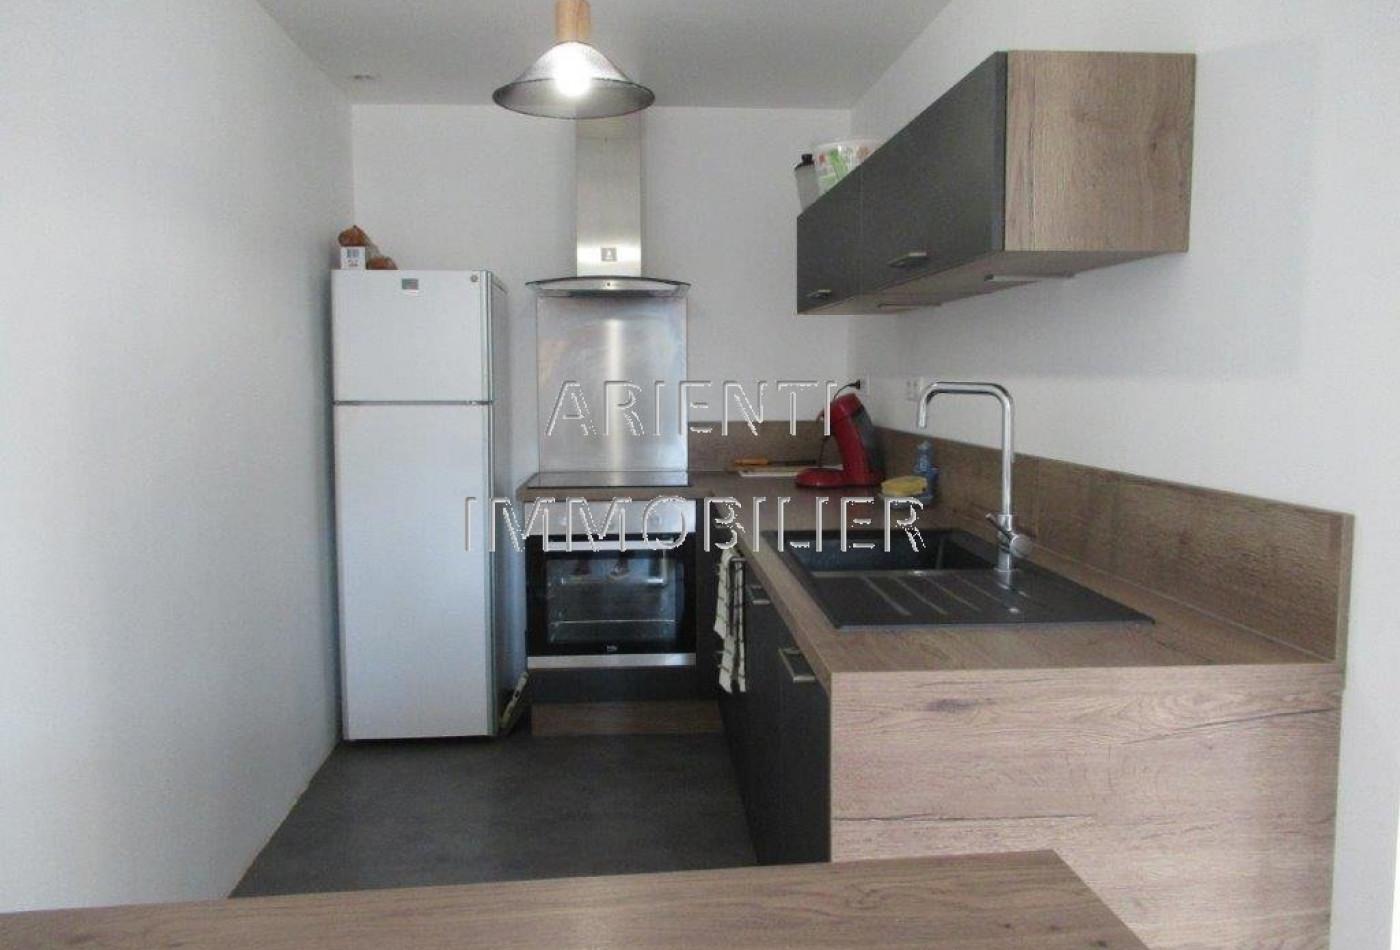 A vendre  Dieulefit | Réf 260013479 - Office immobilier arienti